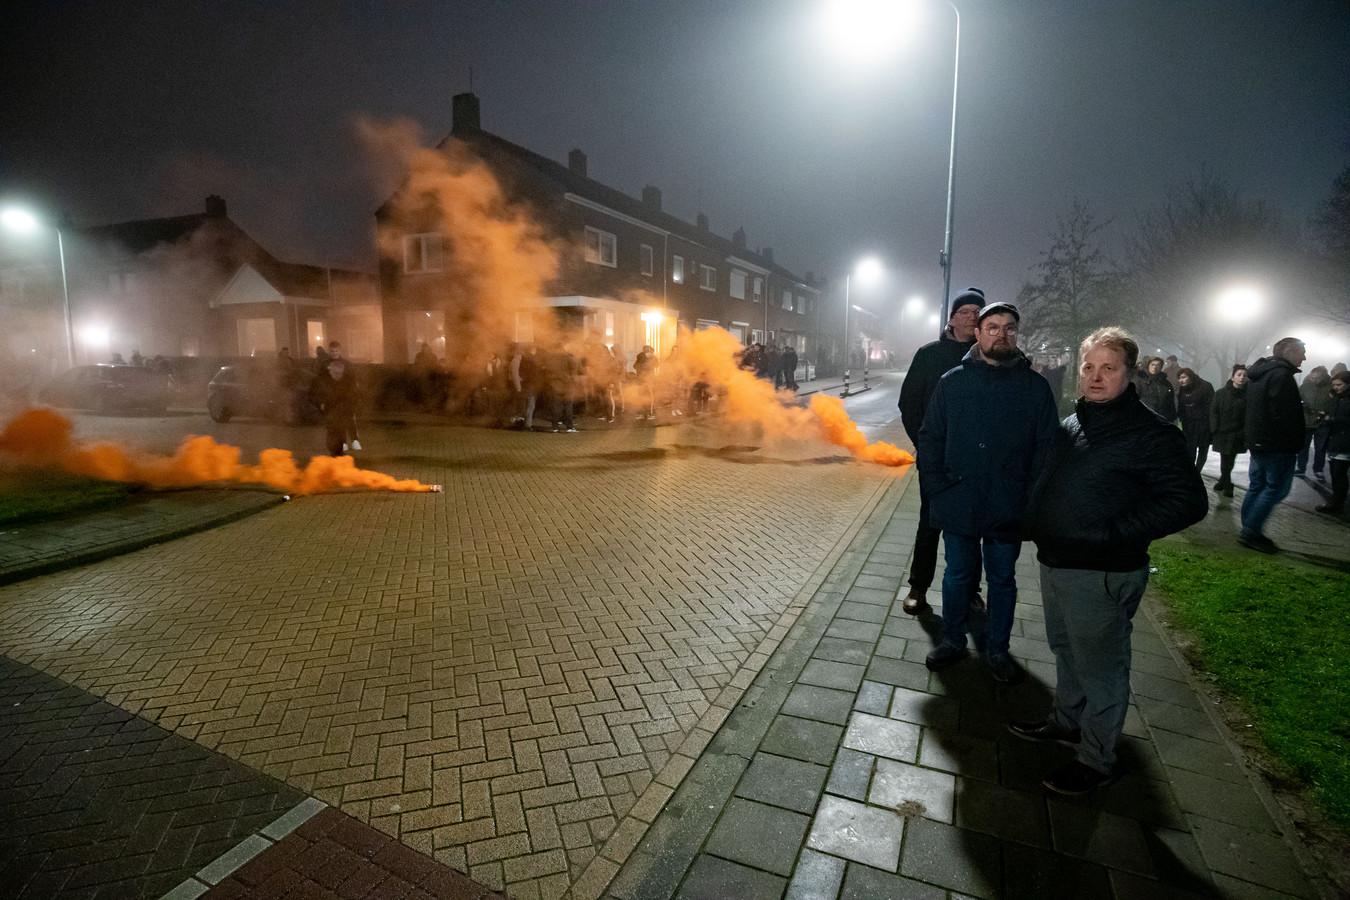 Drie zaterdag-avonden was het onrustig op Urk met vuurwerk en rellen. De vierde zaterdag-avond is er een burgerwacht (foto) ingesteld. Die kwam ook gisteren weer in actie.